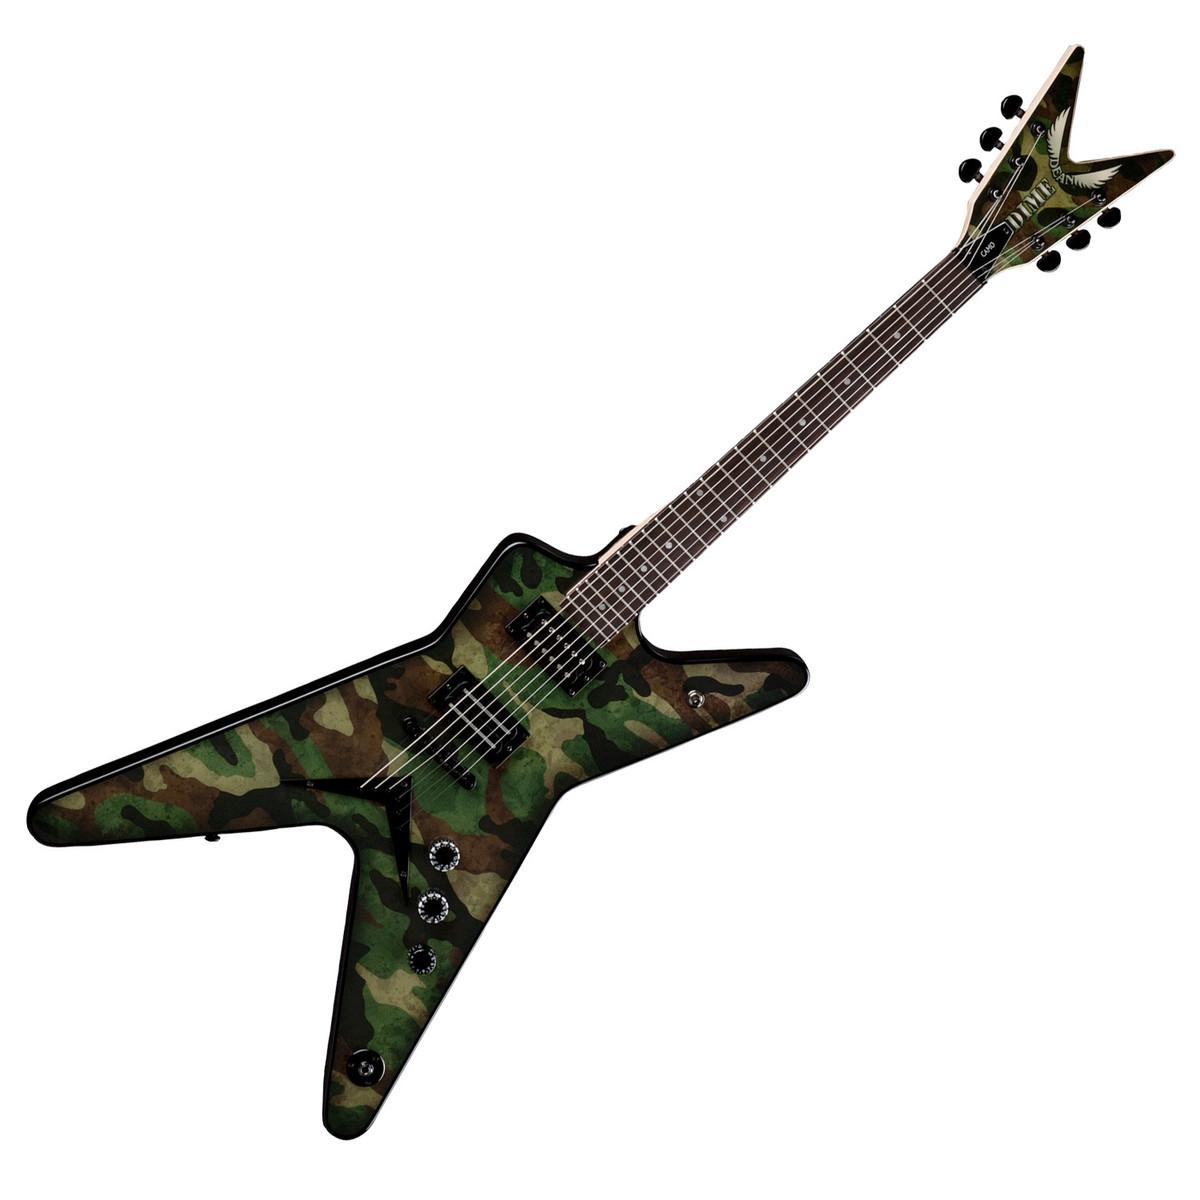 dimebag darrell guitar camo - photo #9